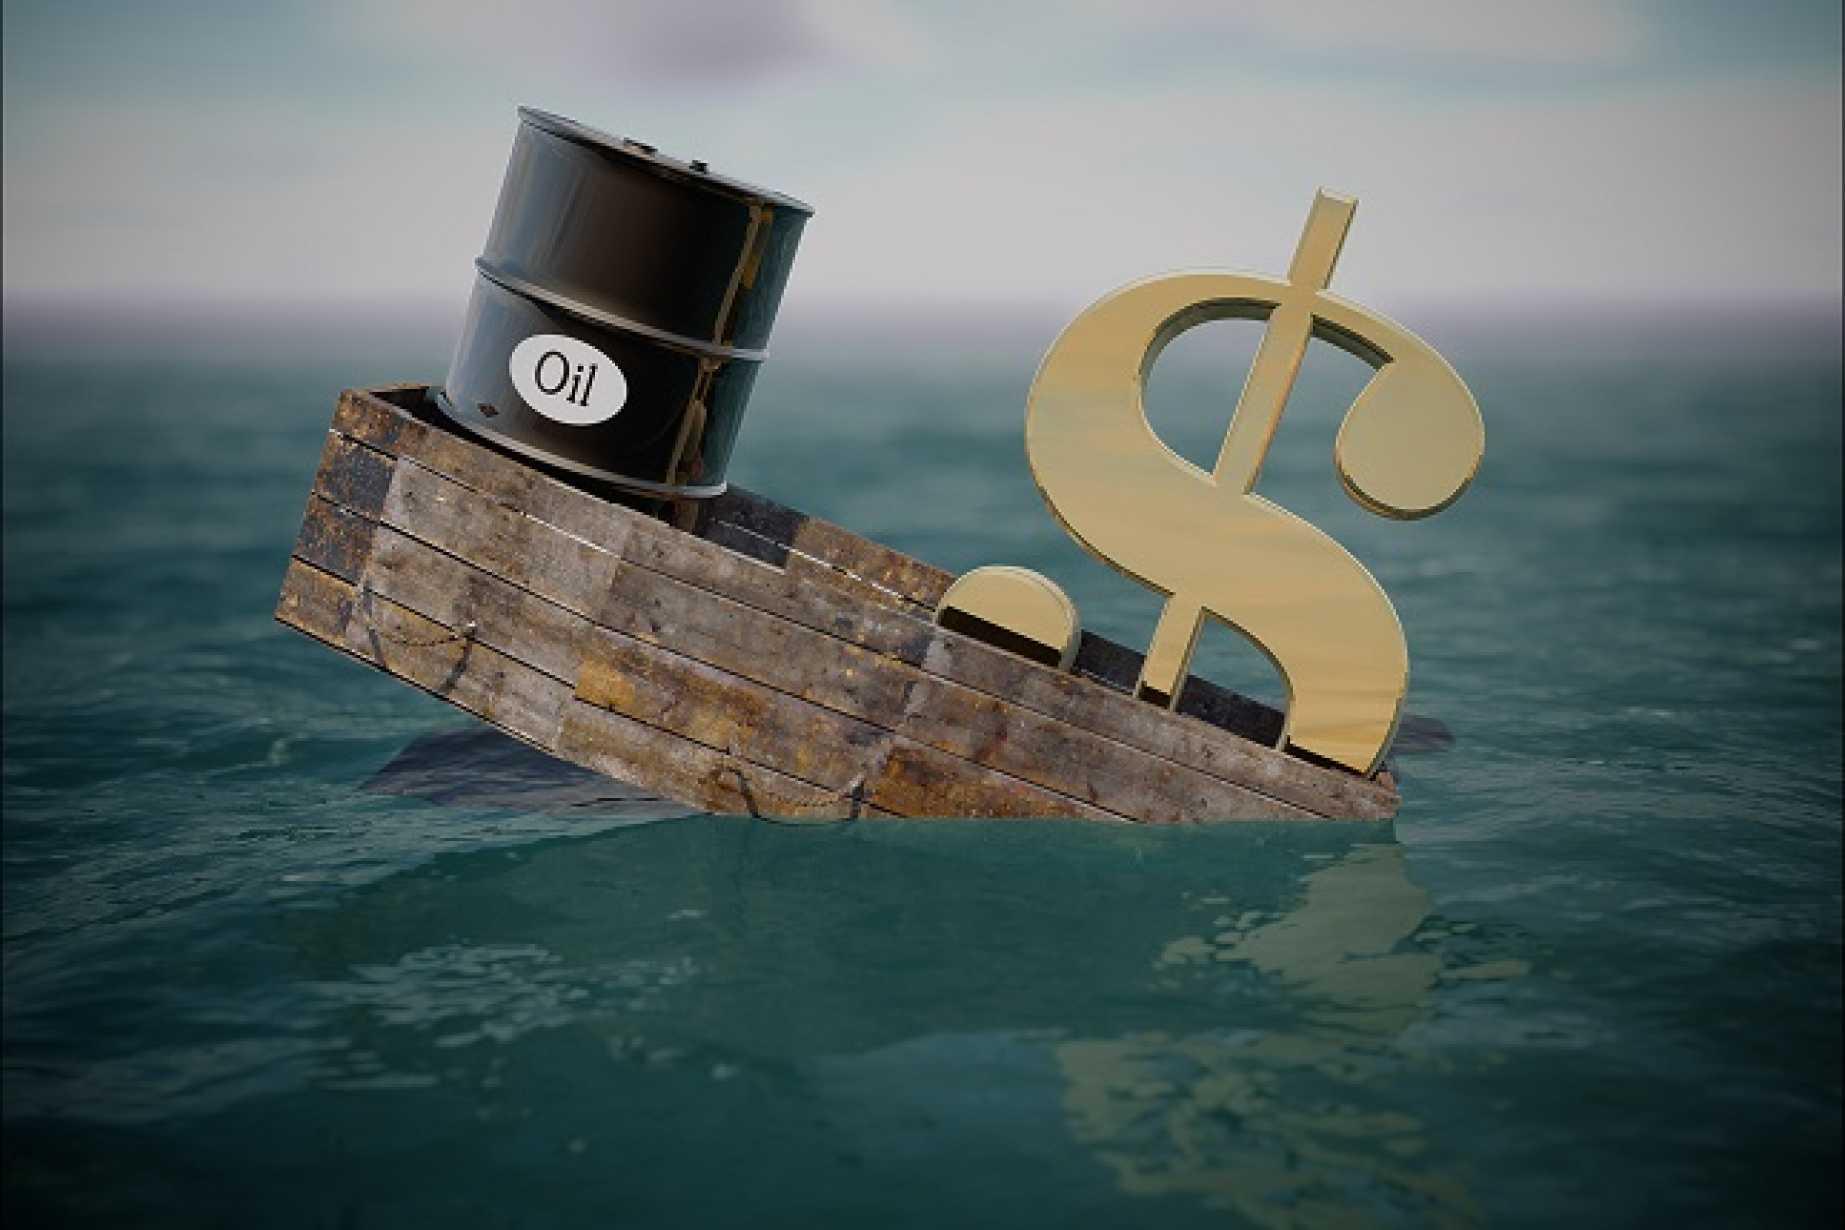 El Petróleo Colapsó, Pero los Mercados se Mantienen Tranquilos ...